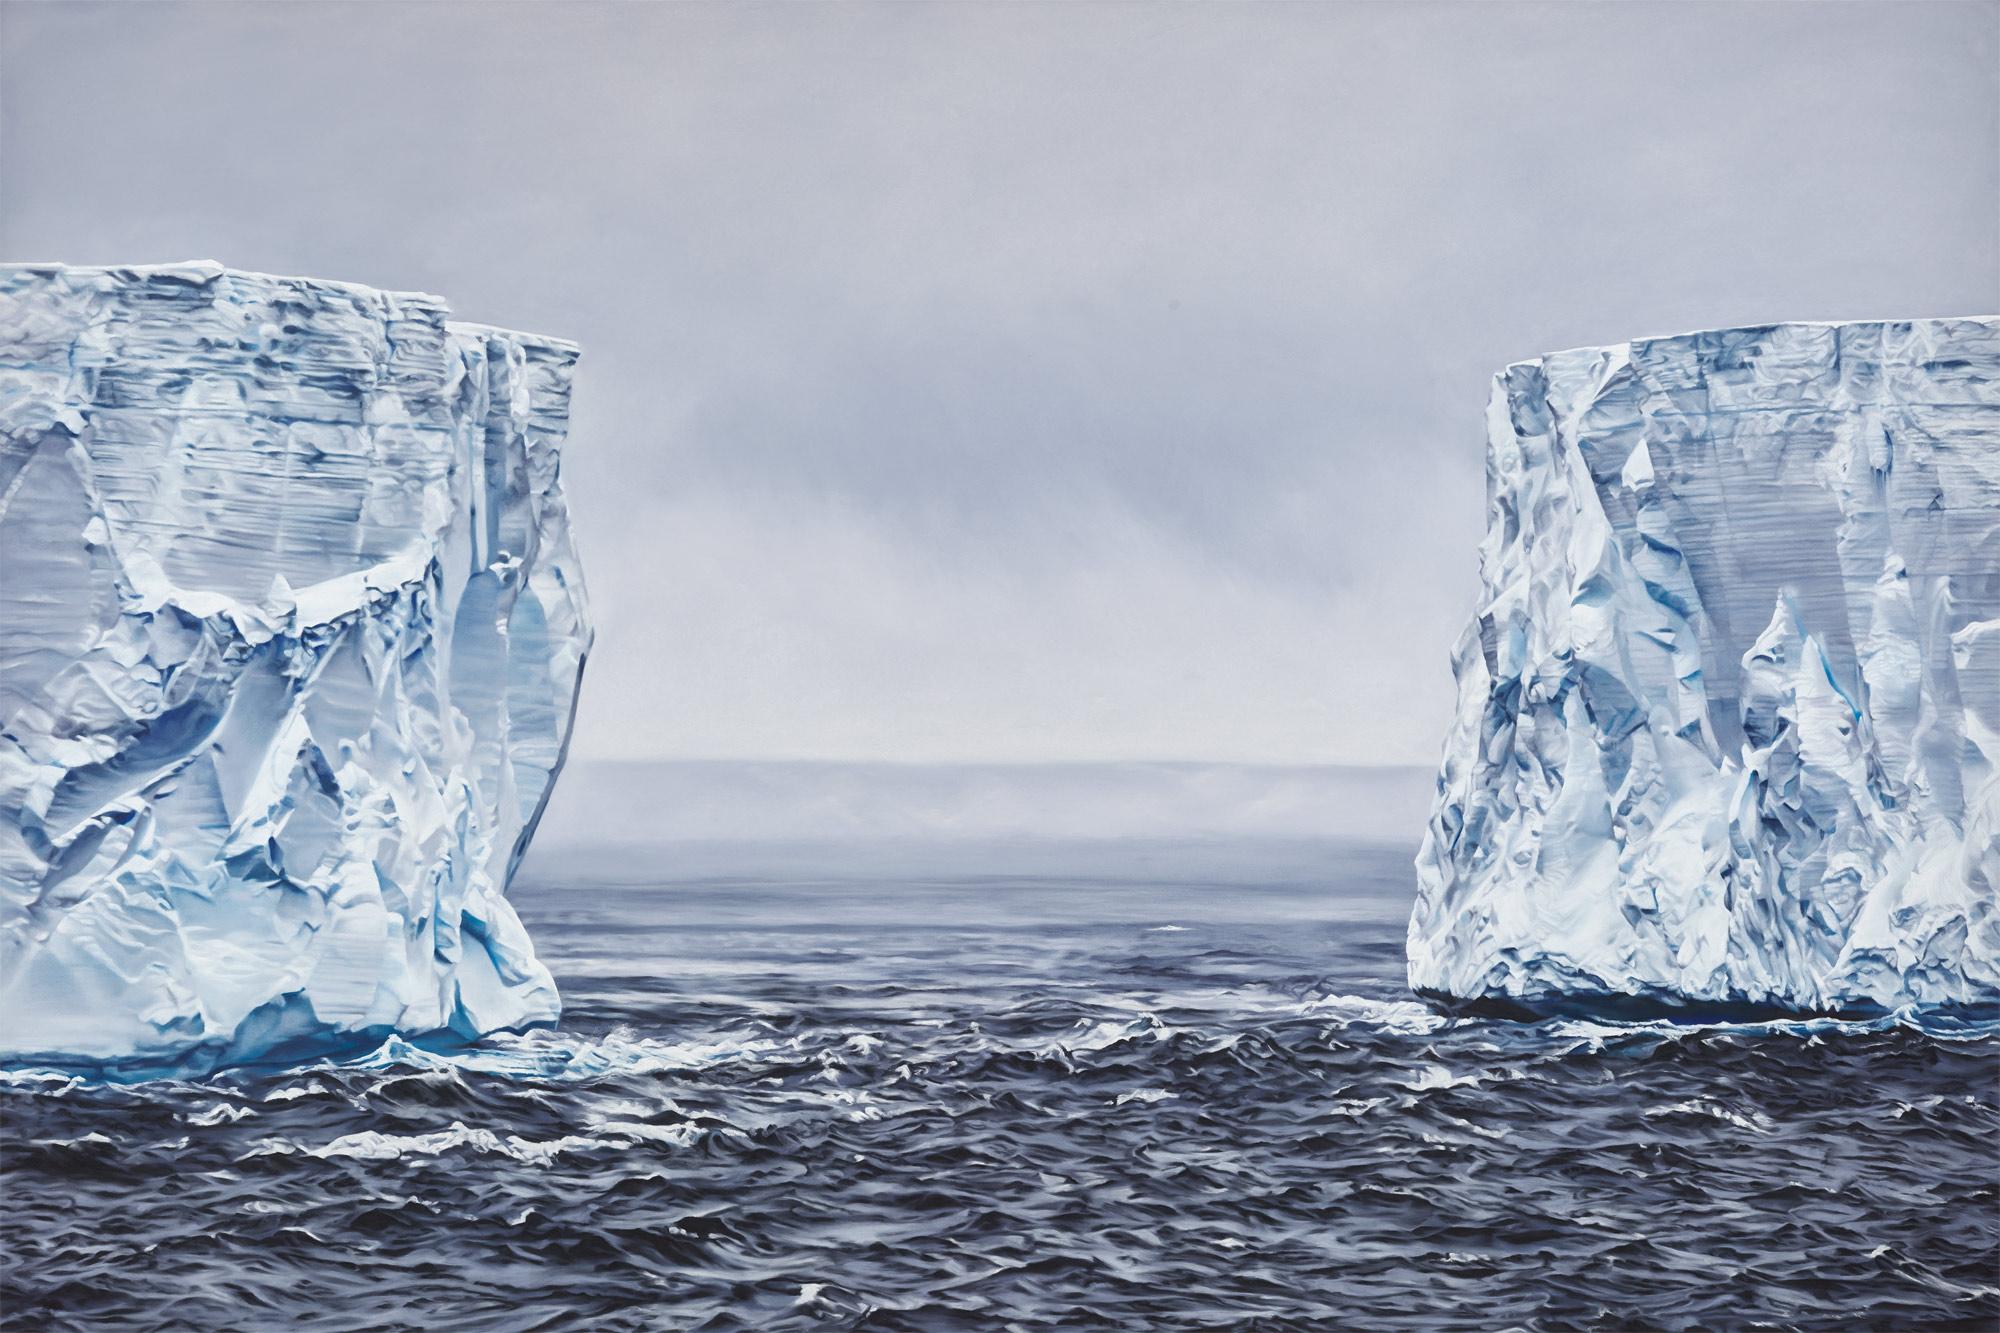 B 15Y Iceberg Antarctica no.2 60x90 2017